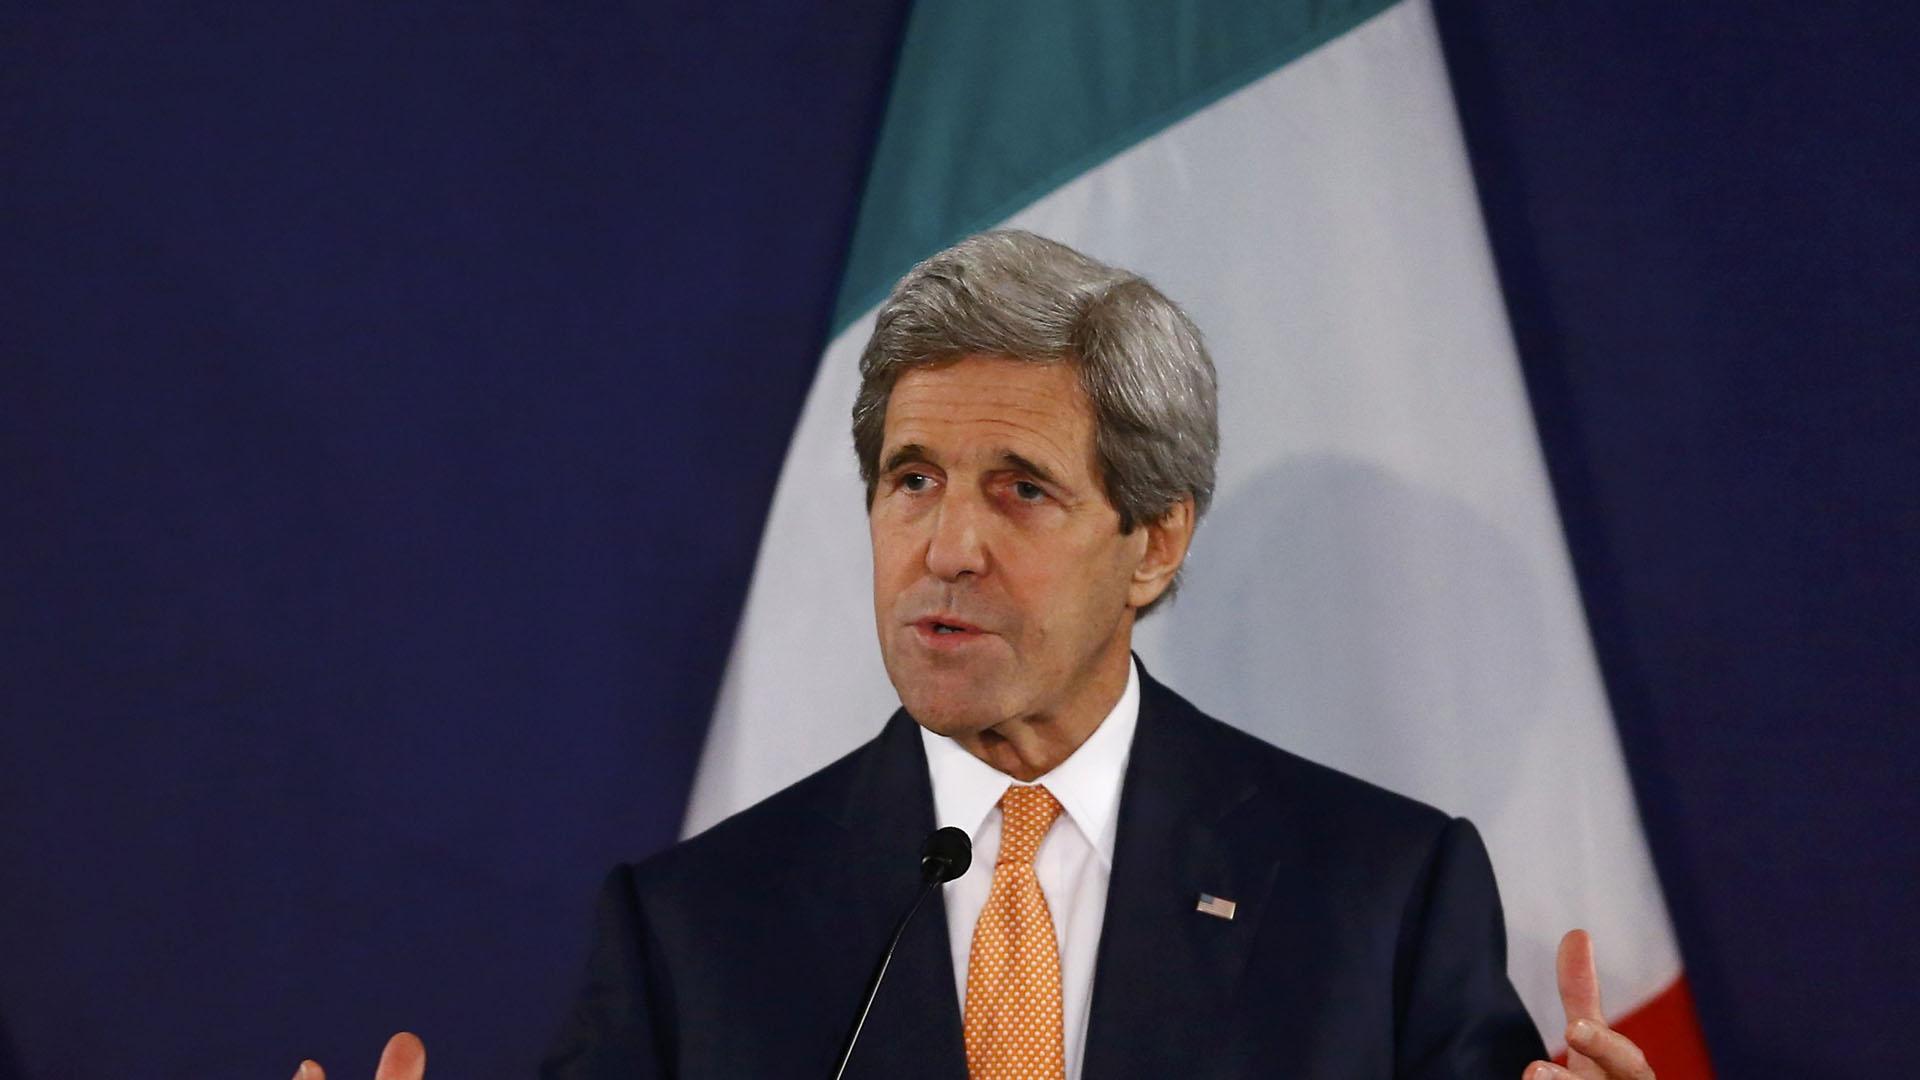 El secretario de Estado norteamericano dijo que está a favor de soluciones democráticas y pacíficas